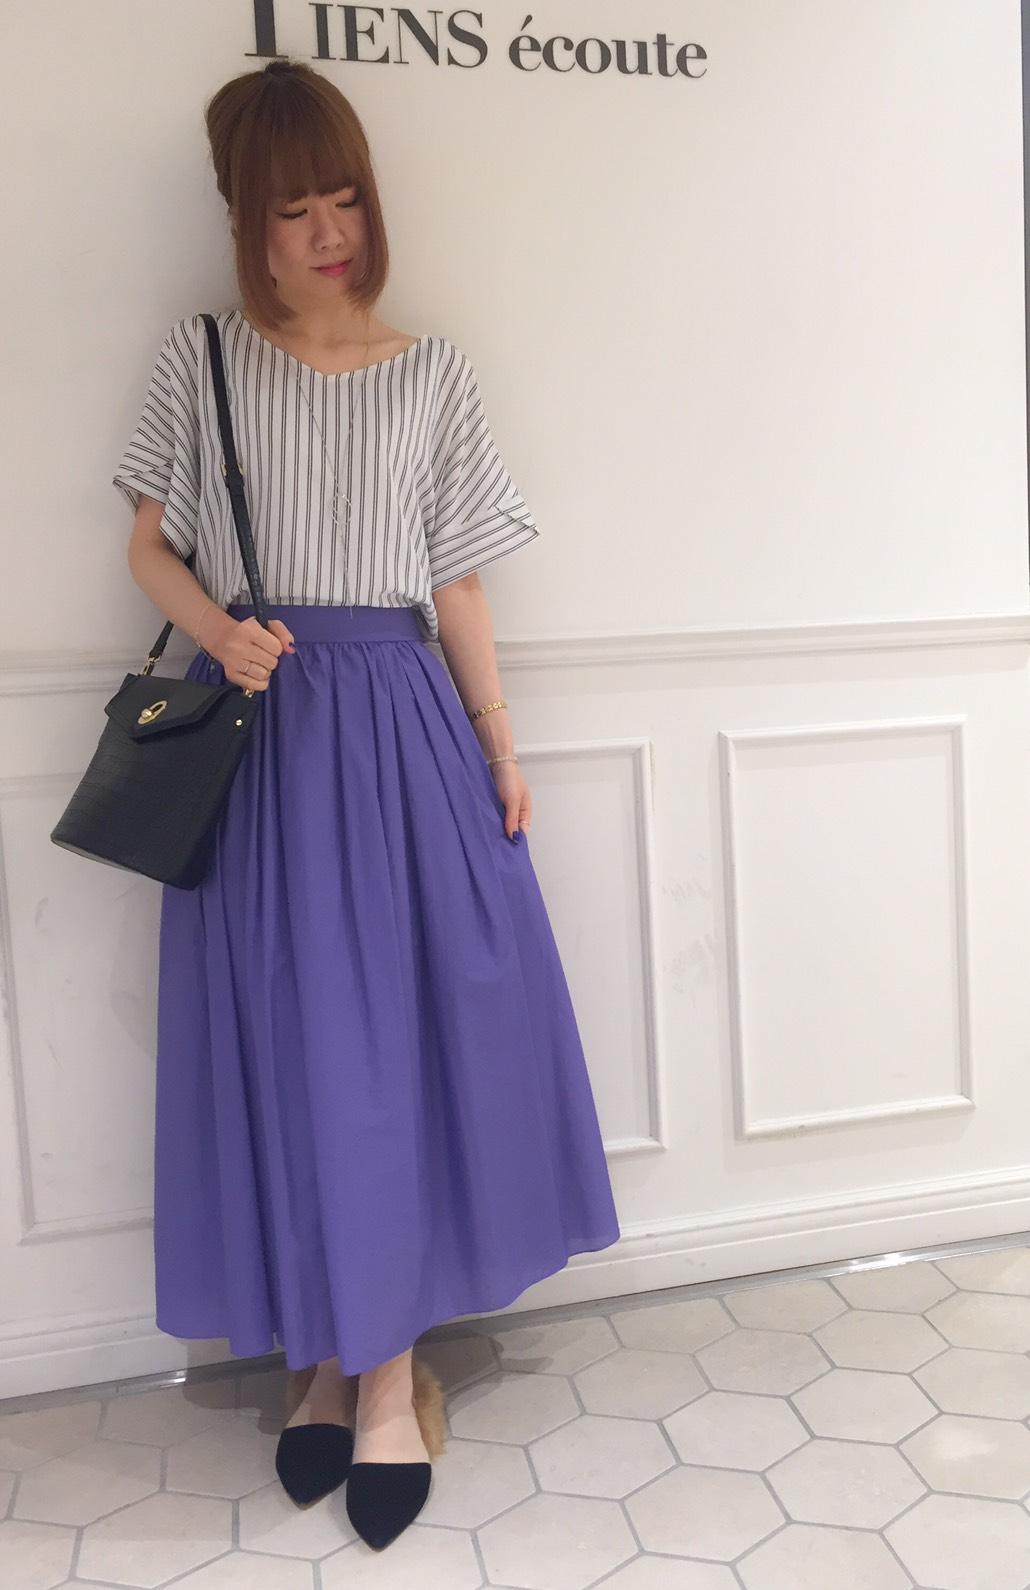 パープルが映える甘さ控えめなスカートスタイル・有楽町店